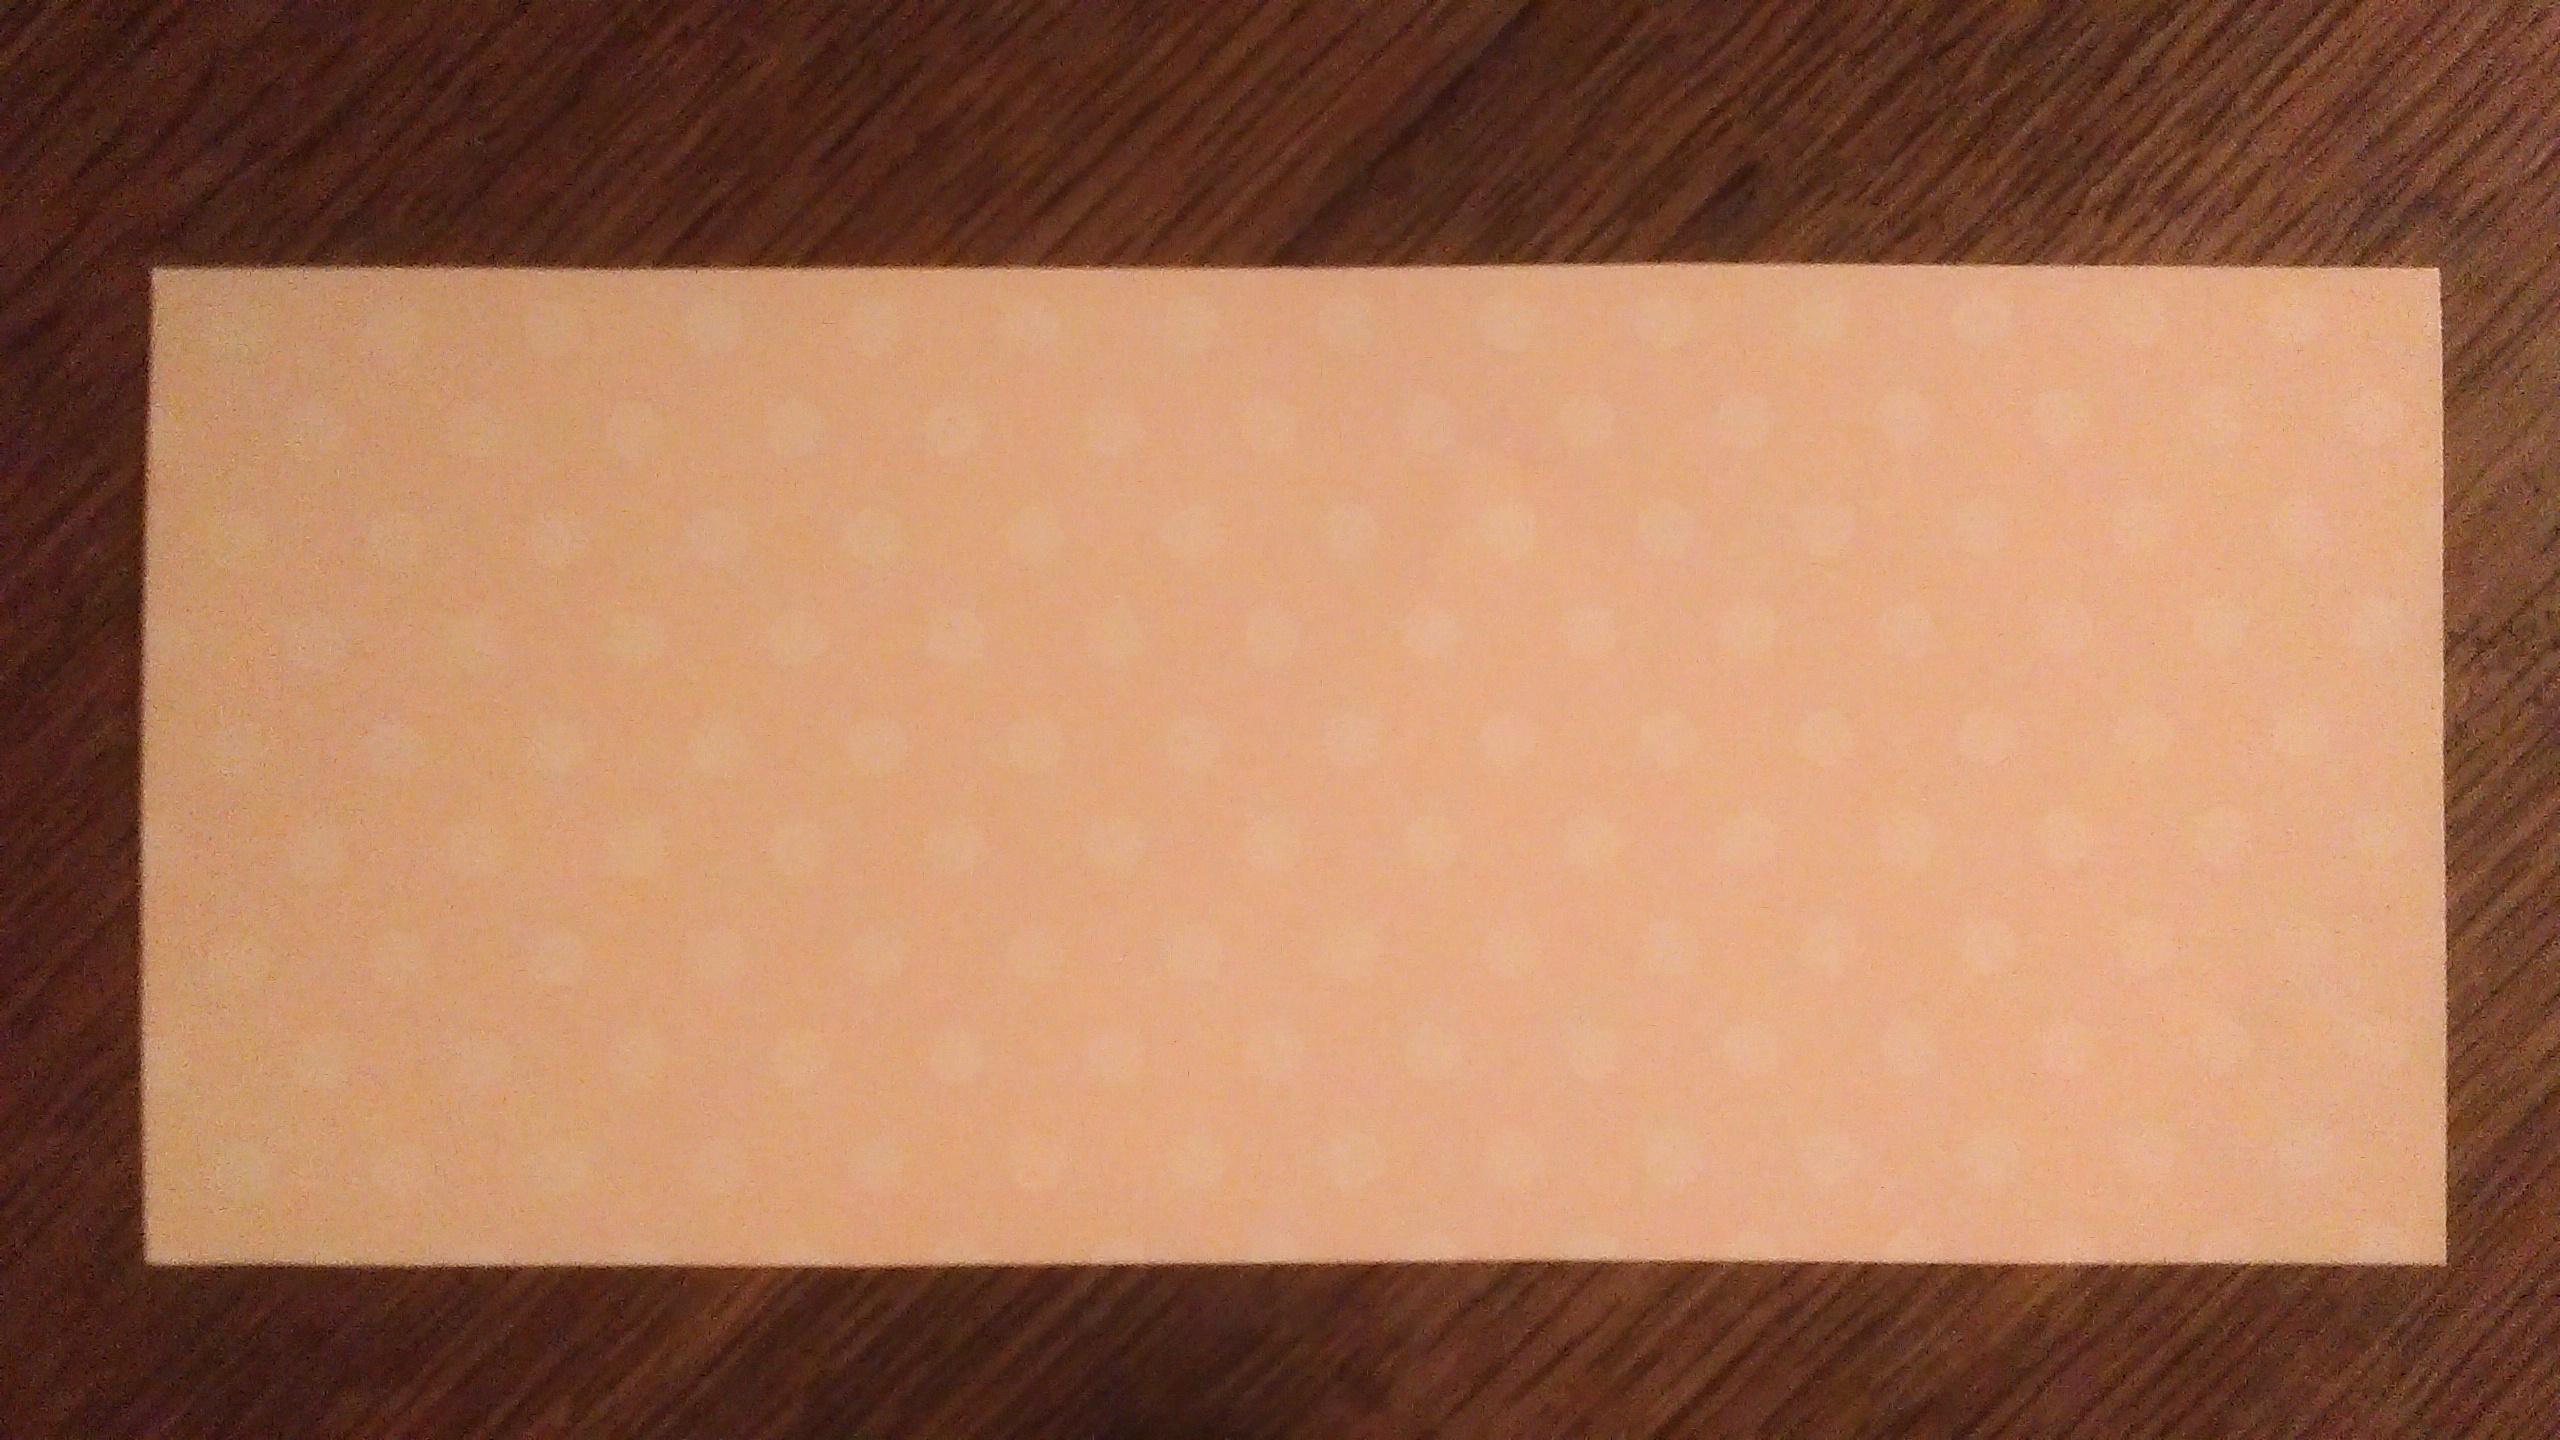 troc de troc carte recto/verso de noel. image 1